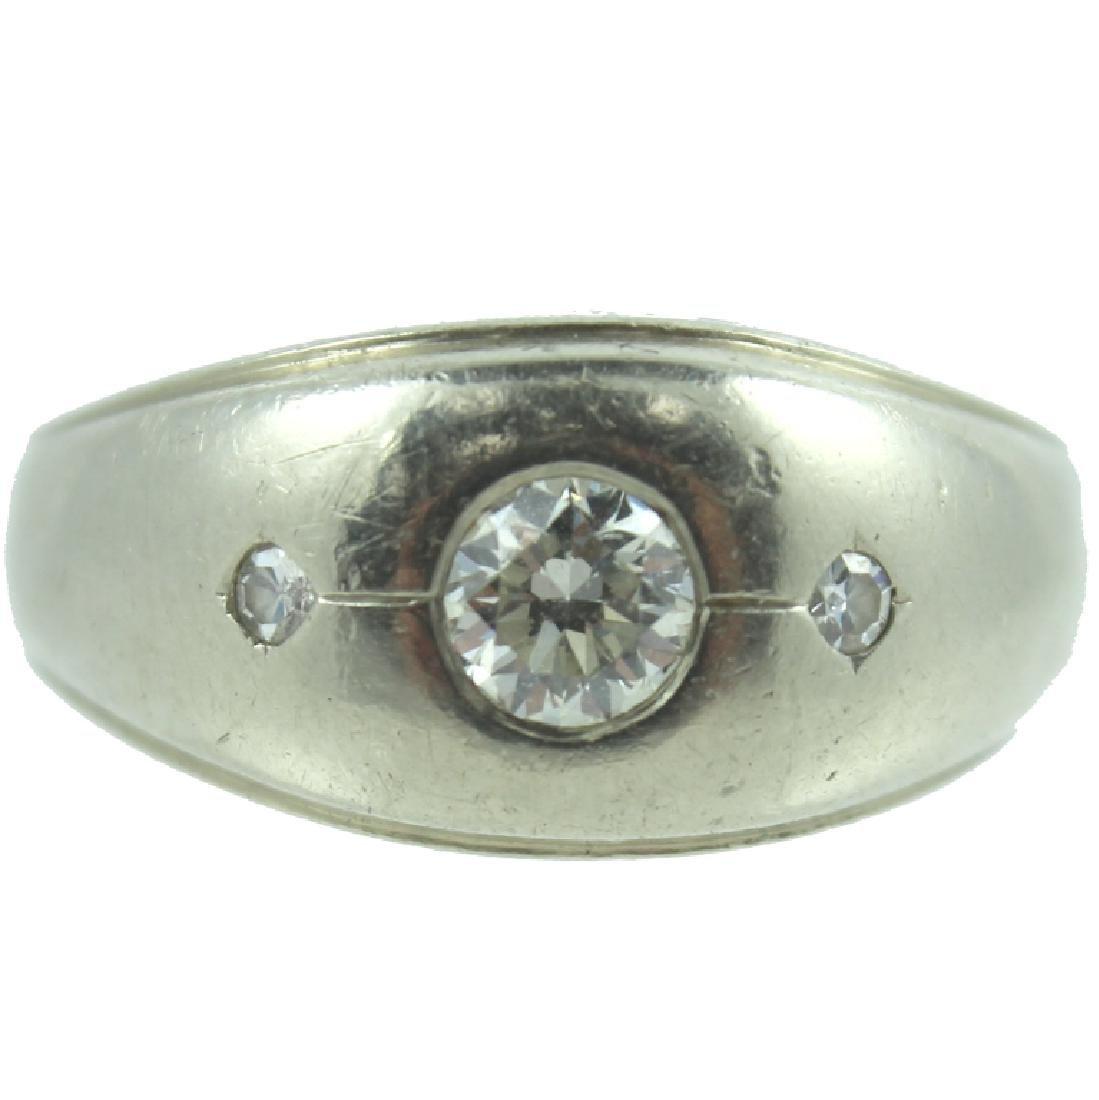 Men's 14K White Gold & Diamond Ring